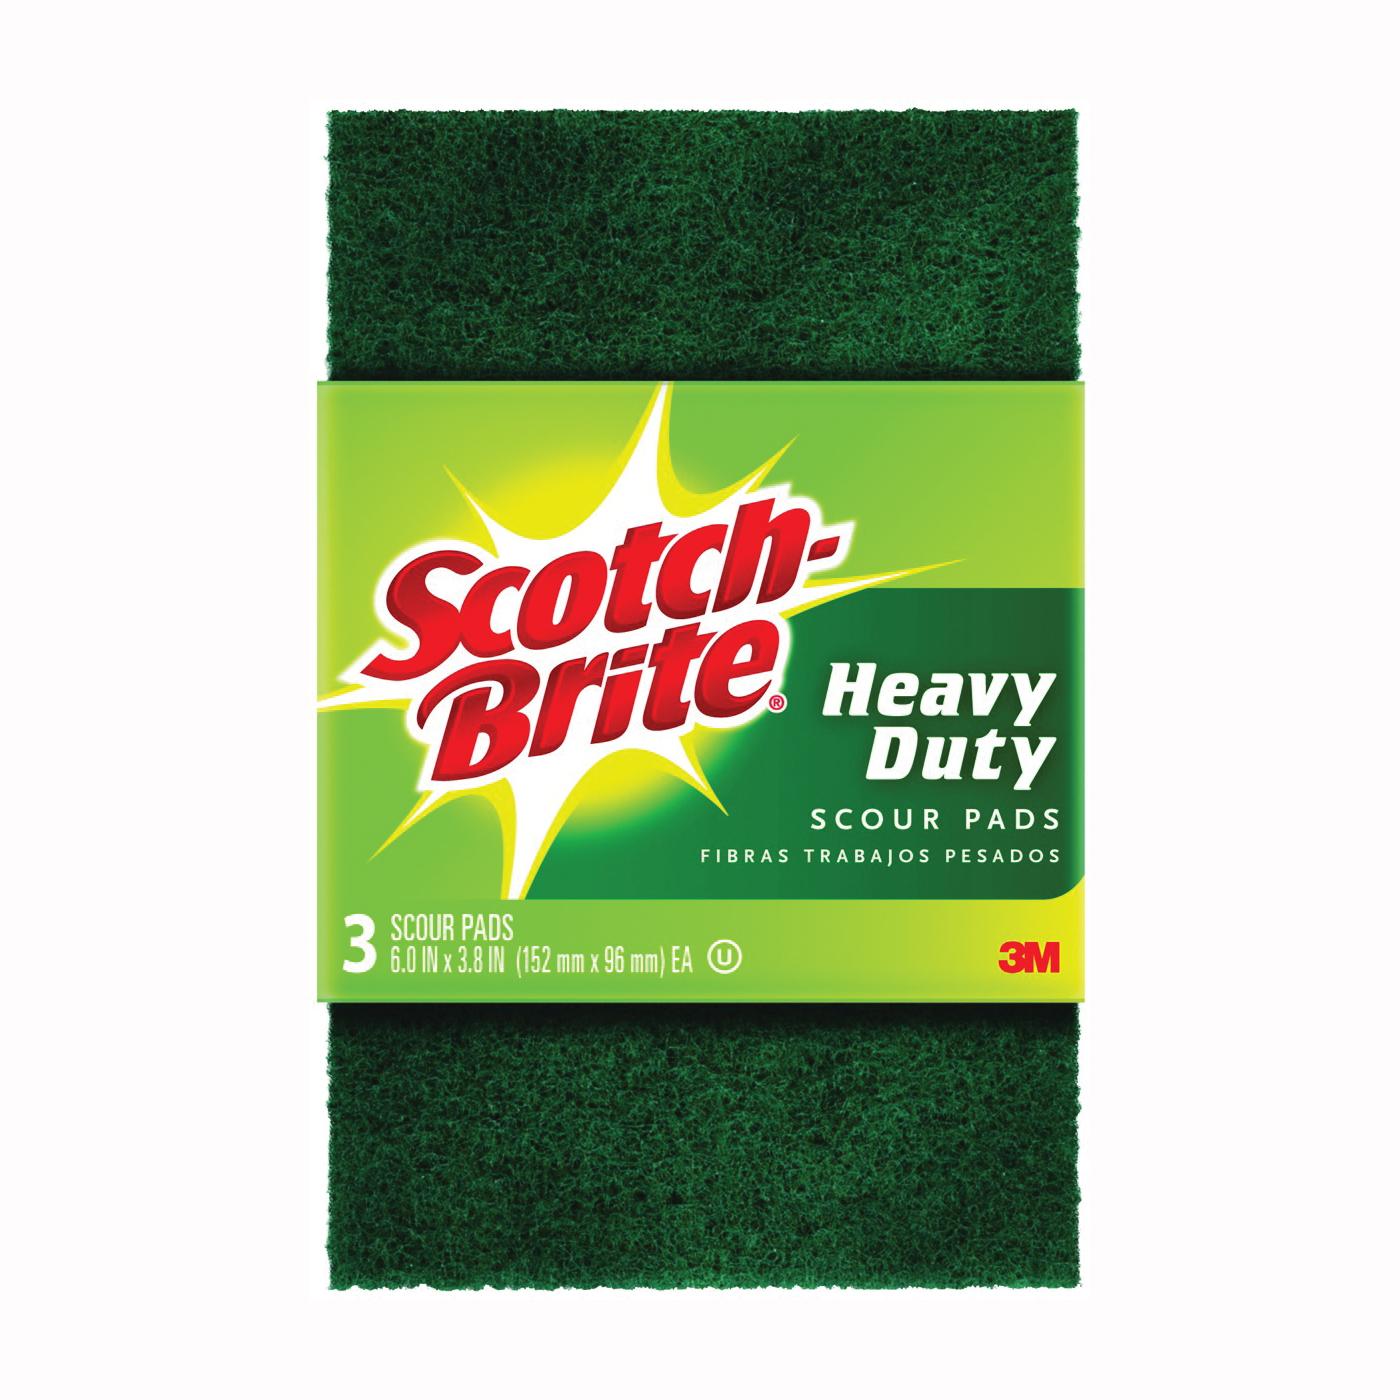 Picture of Scotch-Brite 223-7 Scour Pad, 6 in L, 3.8 in W, Green